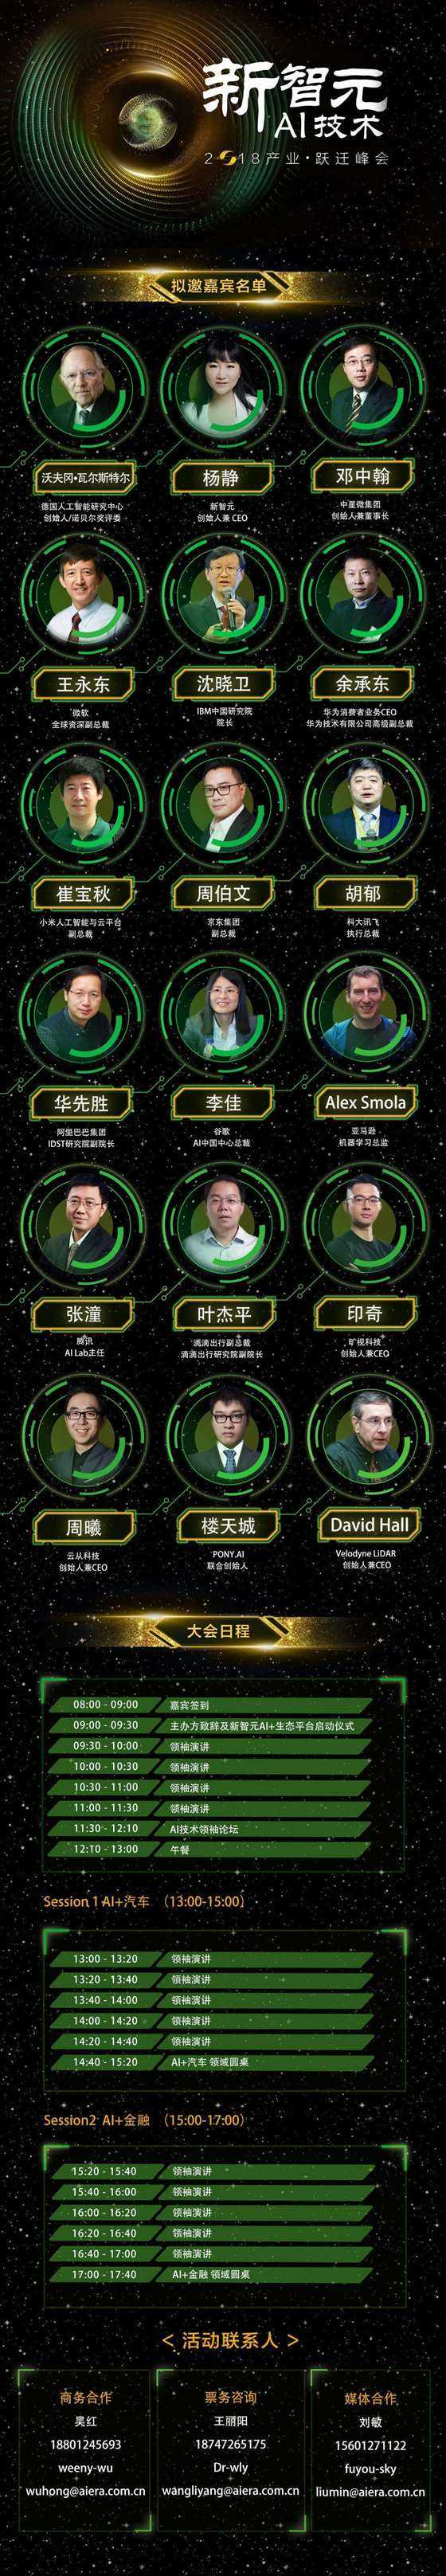 活动行-页面绿色7.jpg